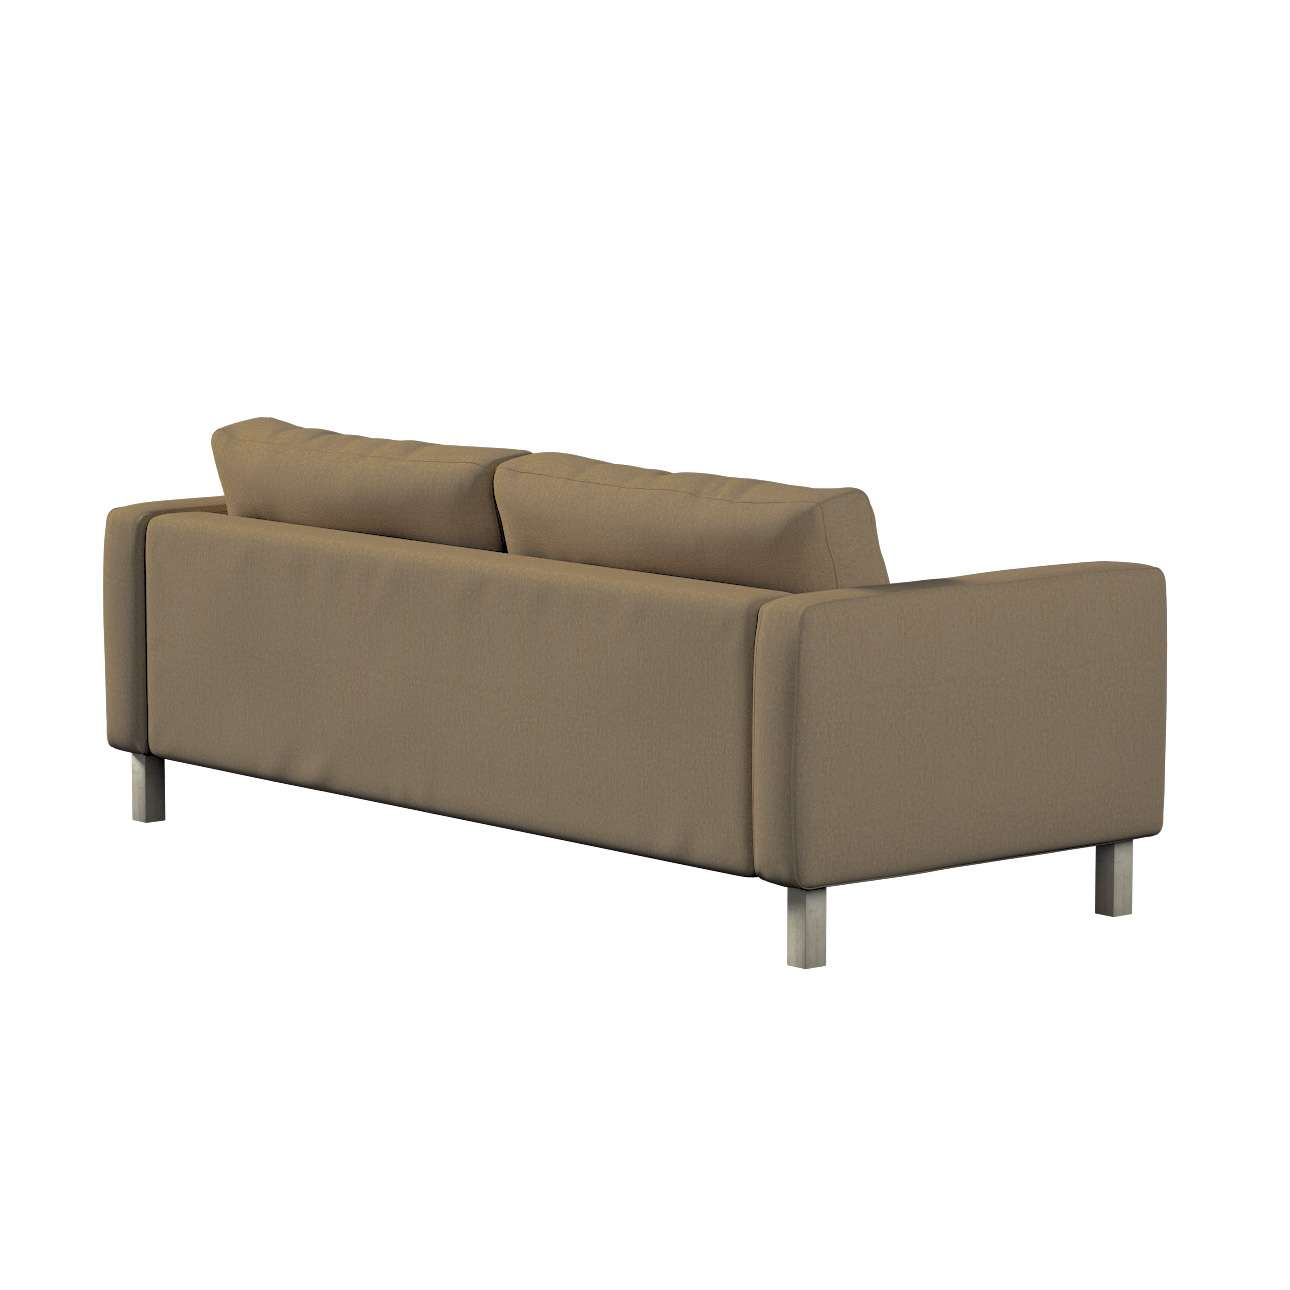 Pokrowiec na sofę Karlstad 3-osobową nierozkładaną, krótki w kolekcji Chenille, tkanina: 702-21